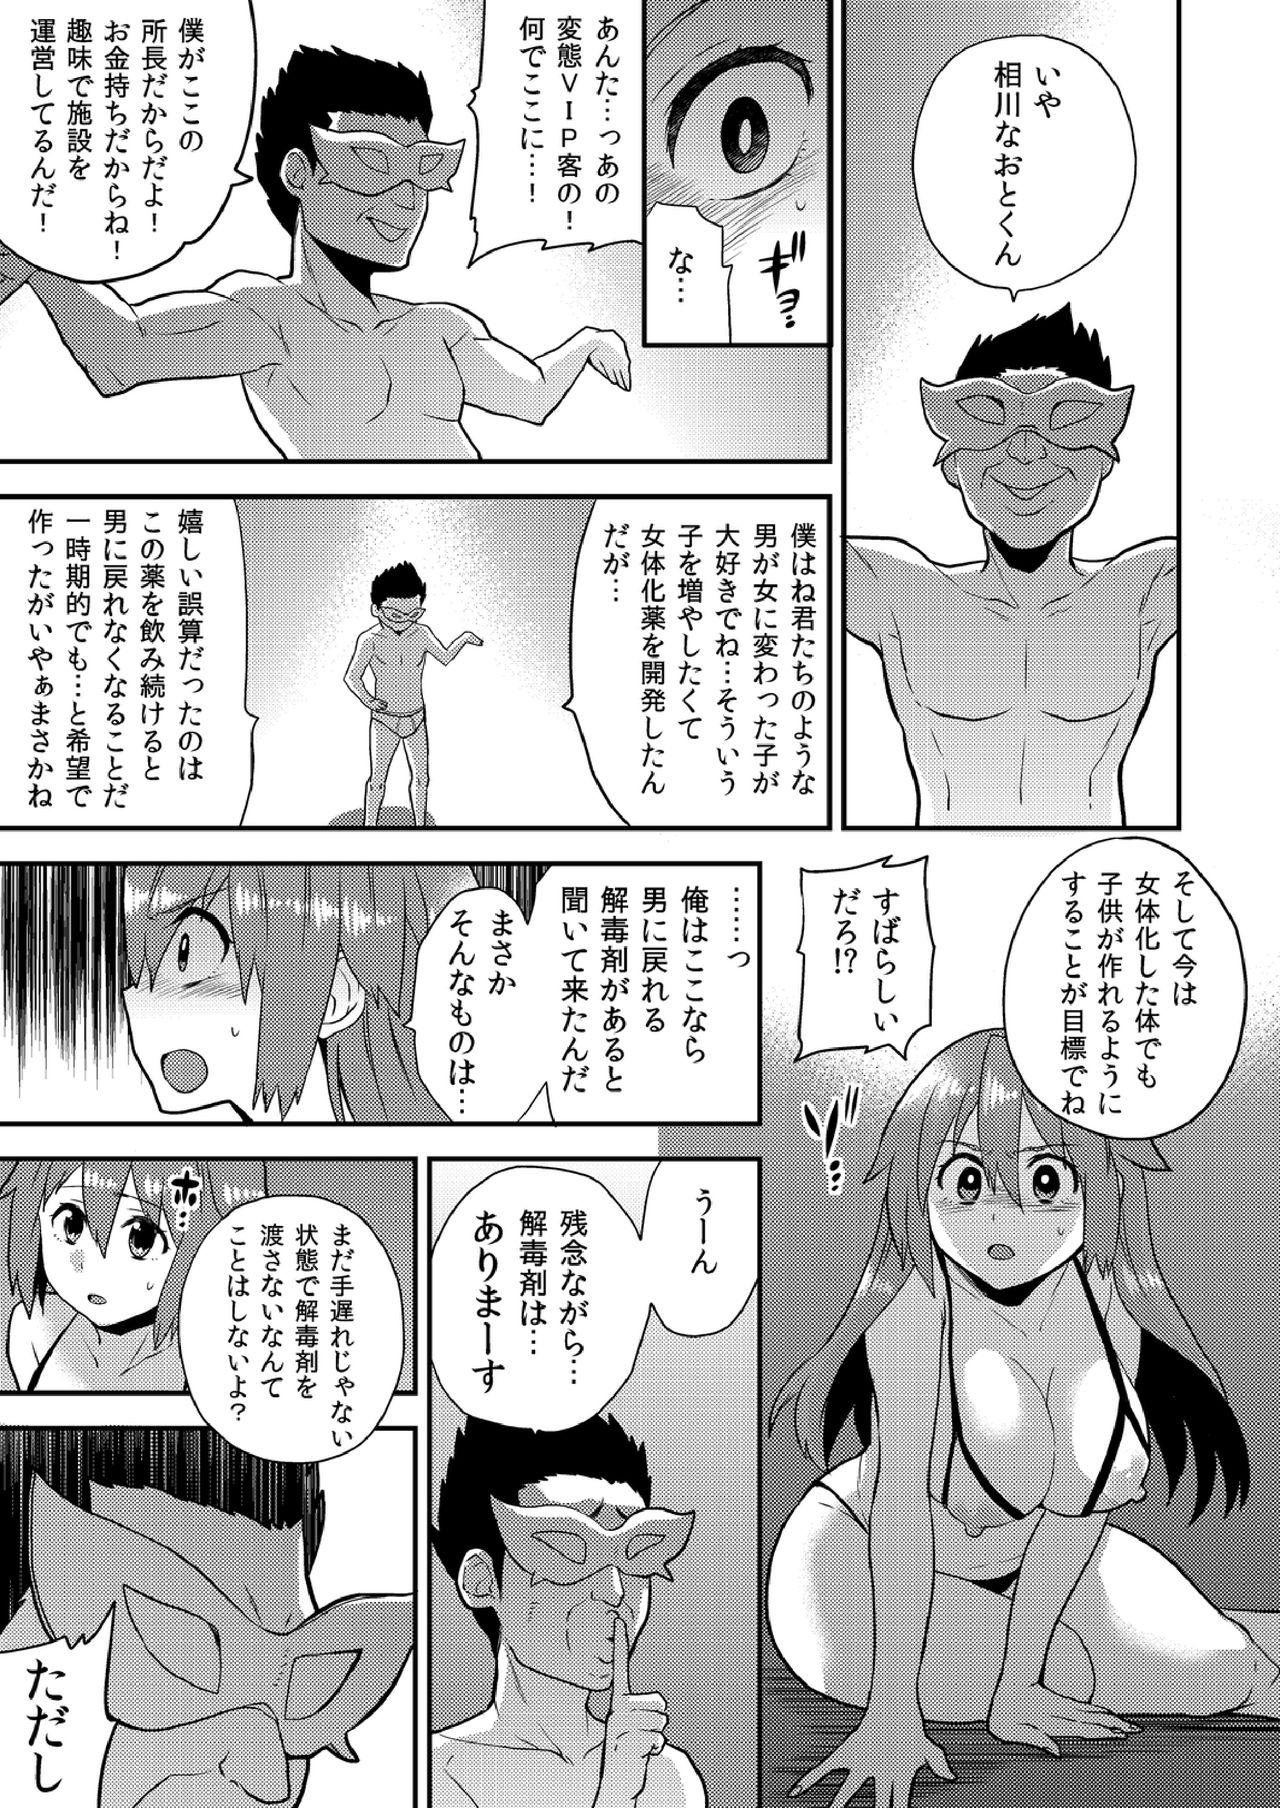 Nyotaika Health de Bikun Bikun ★ Ore no Omame ga Chou Binkan! 7